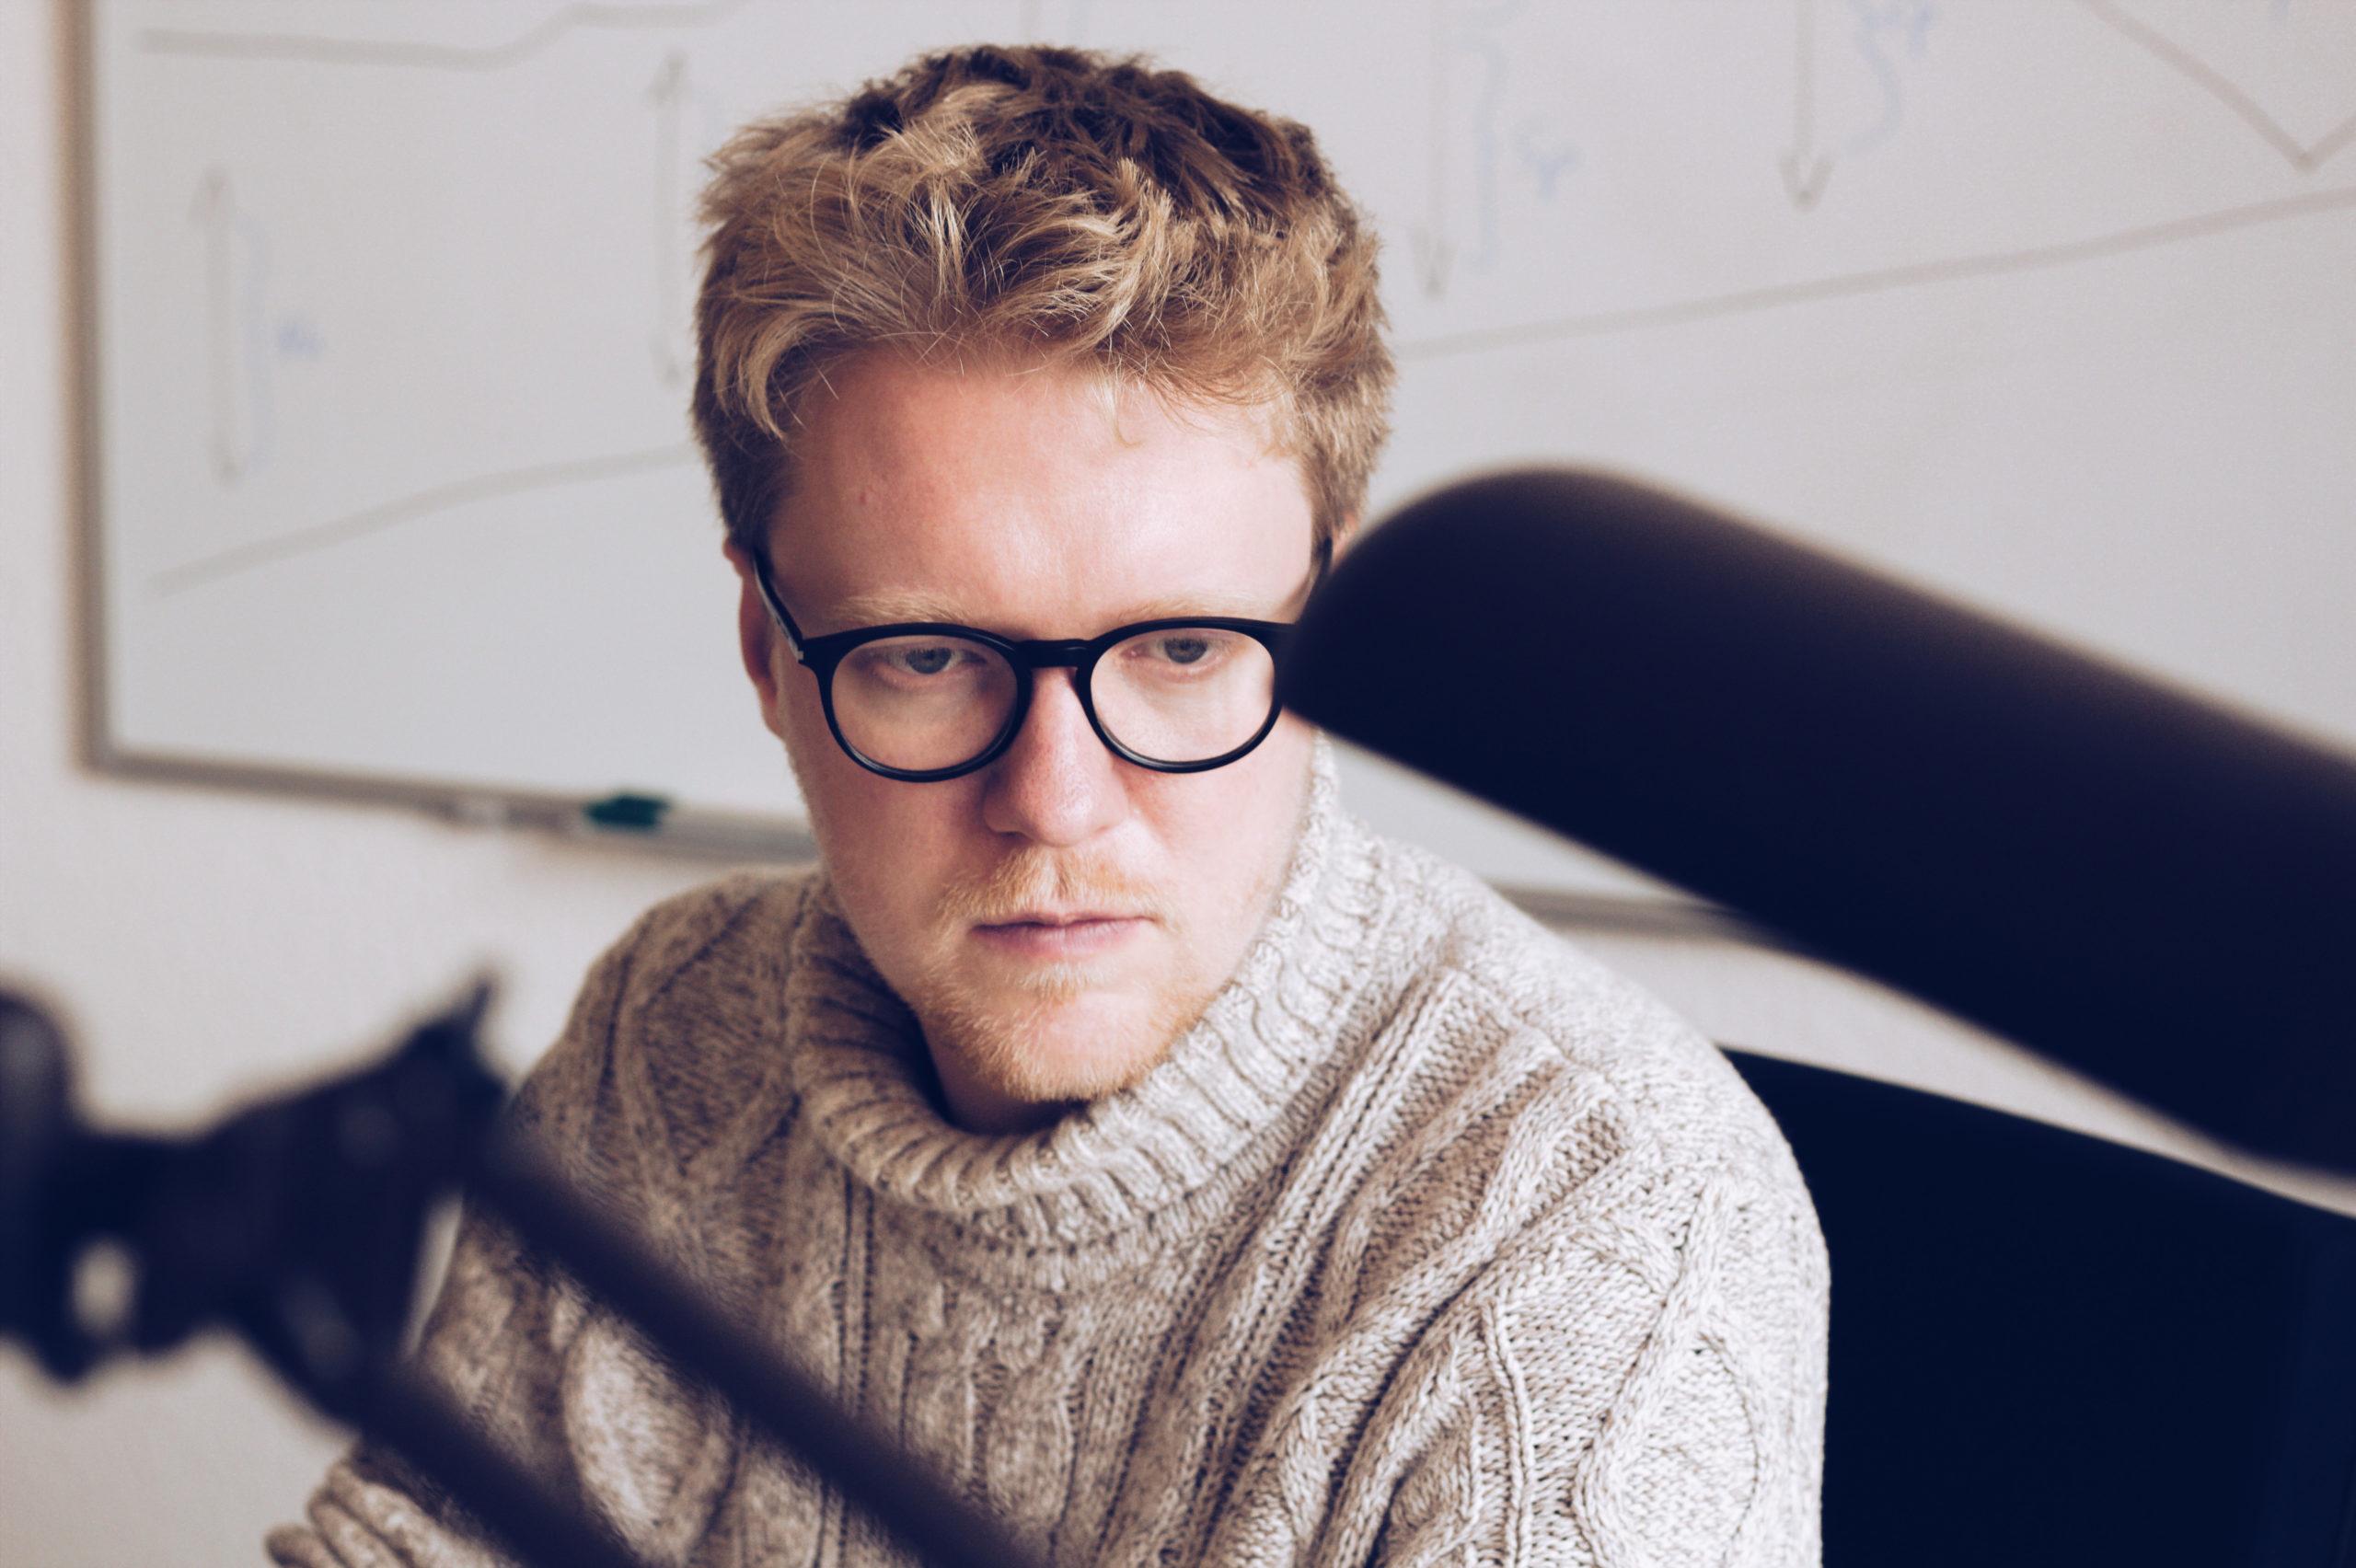 Lasse Petersdotter im Büro am Schreibtisch